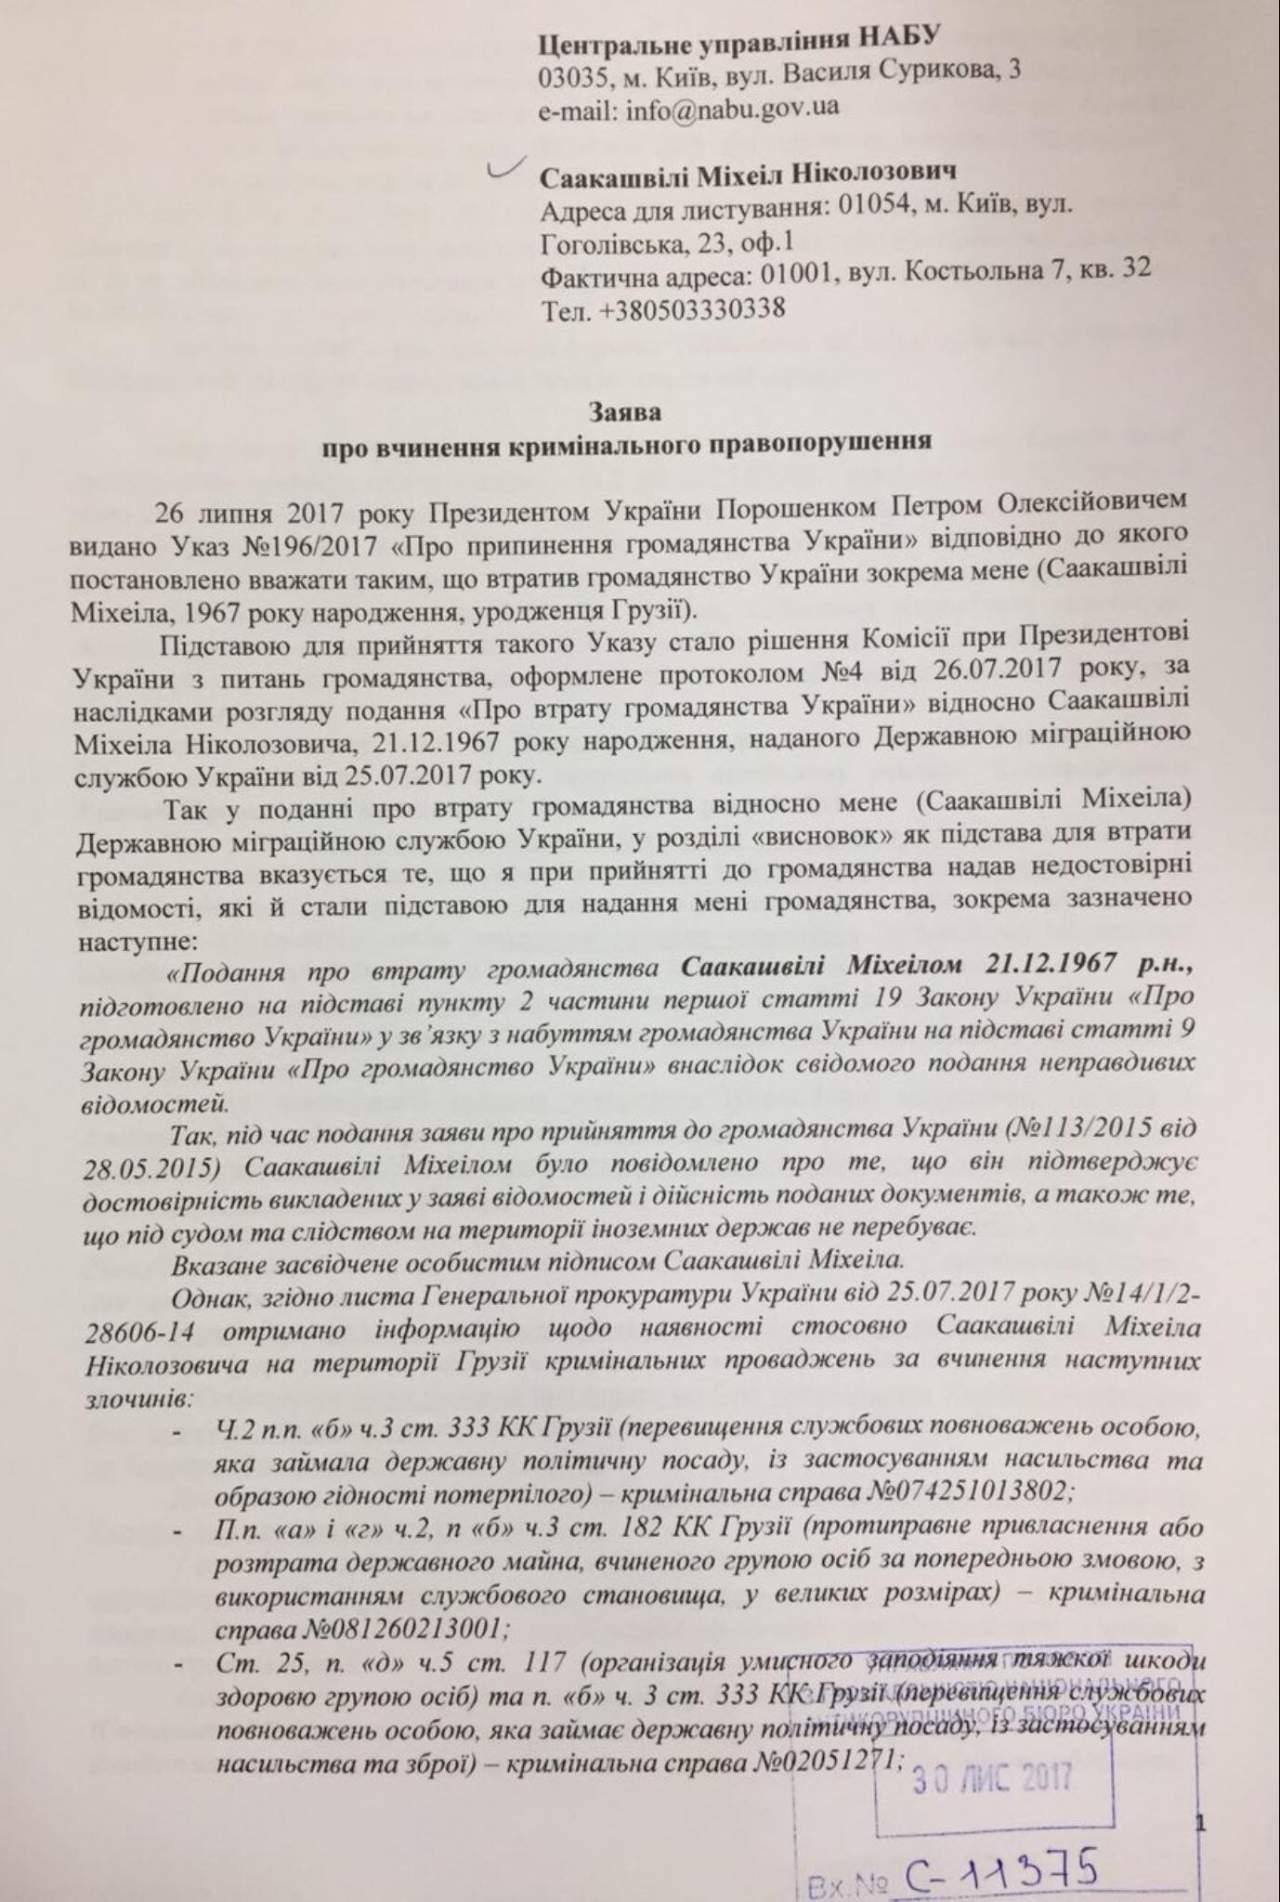 Адвокат Саакашвили подал заявление о совершении уголовного преступления против его подзащитного